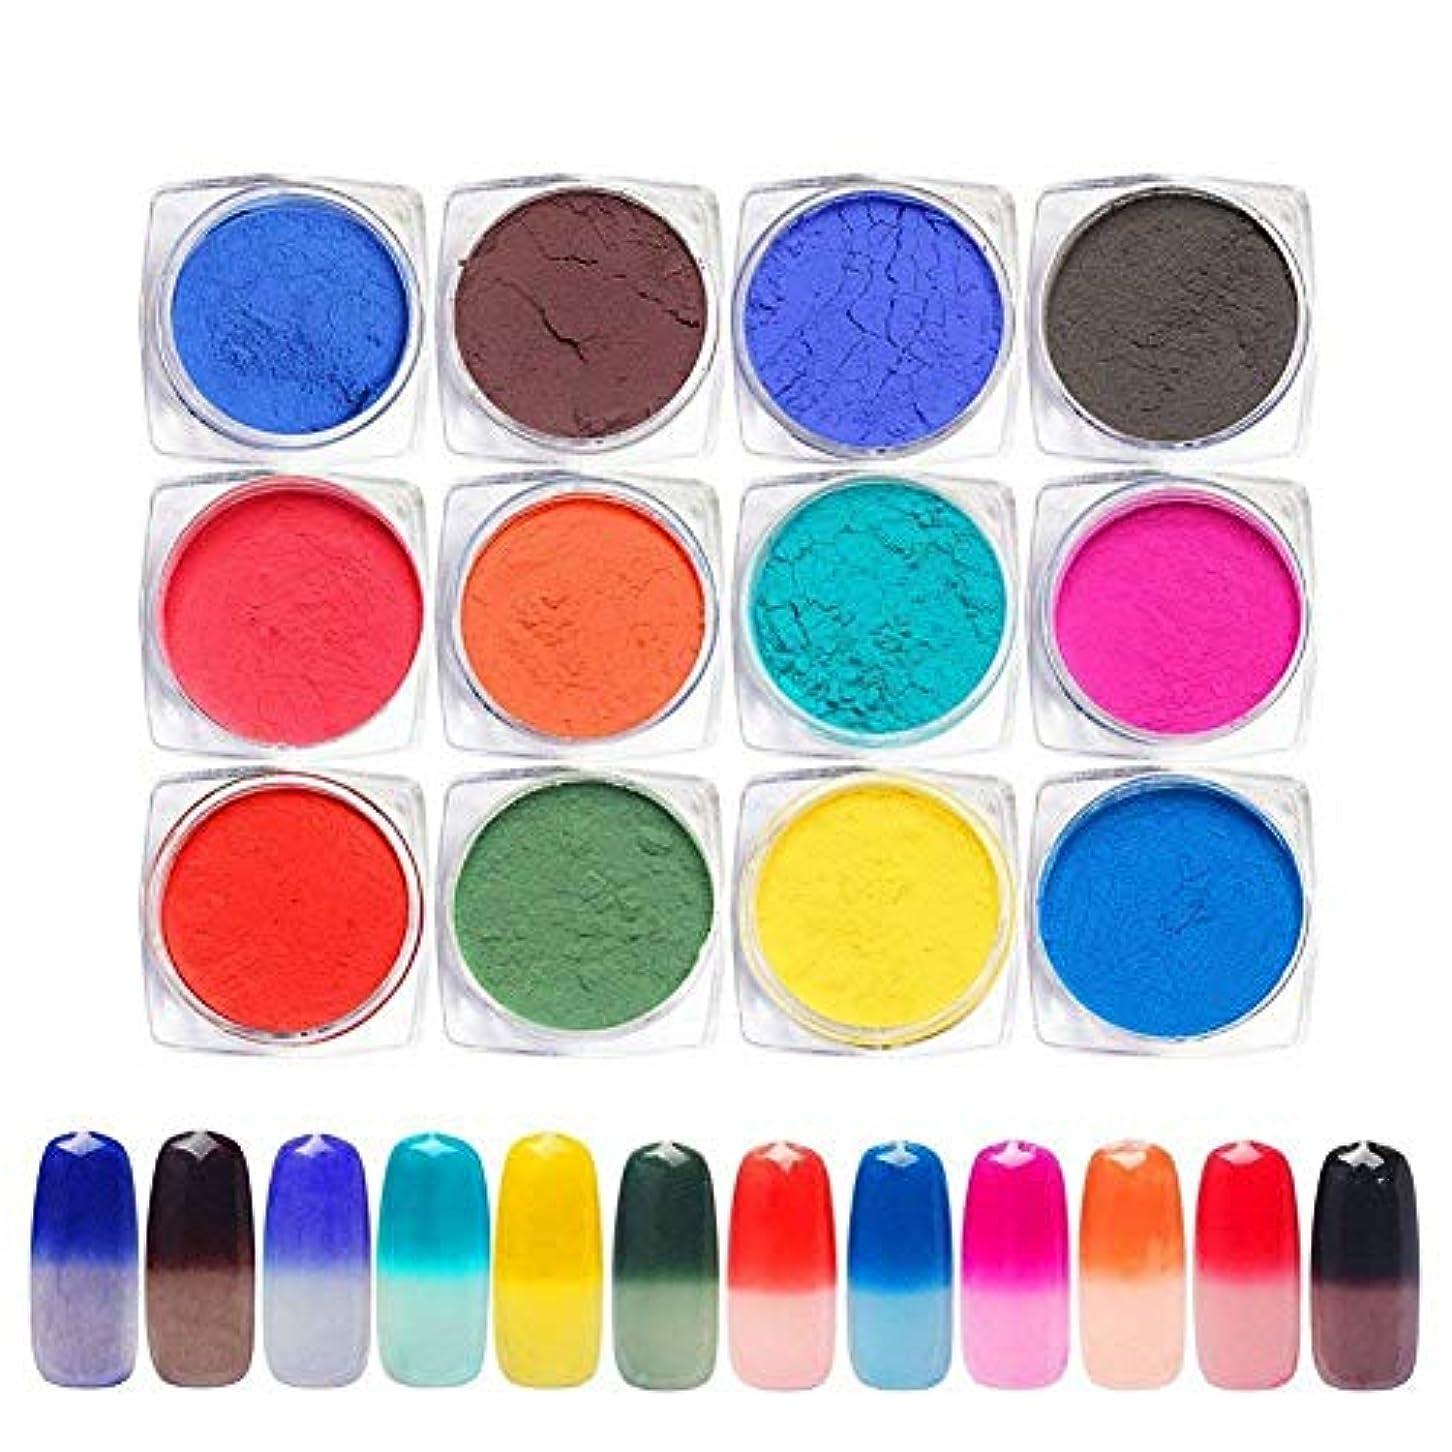 公爵夫人最小クッション12色セット 温度によって色が変わるパウダー 変色ネイルパウダー ネイルパーツ ジェルネイル ネイルアート1g入り